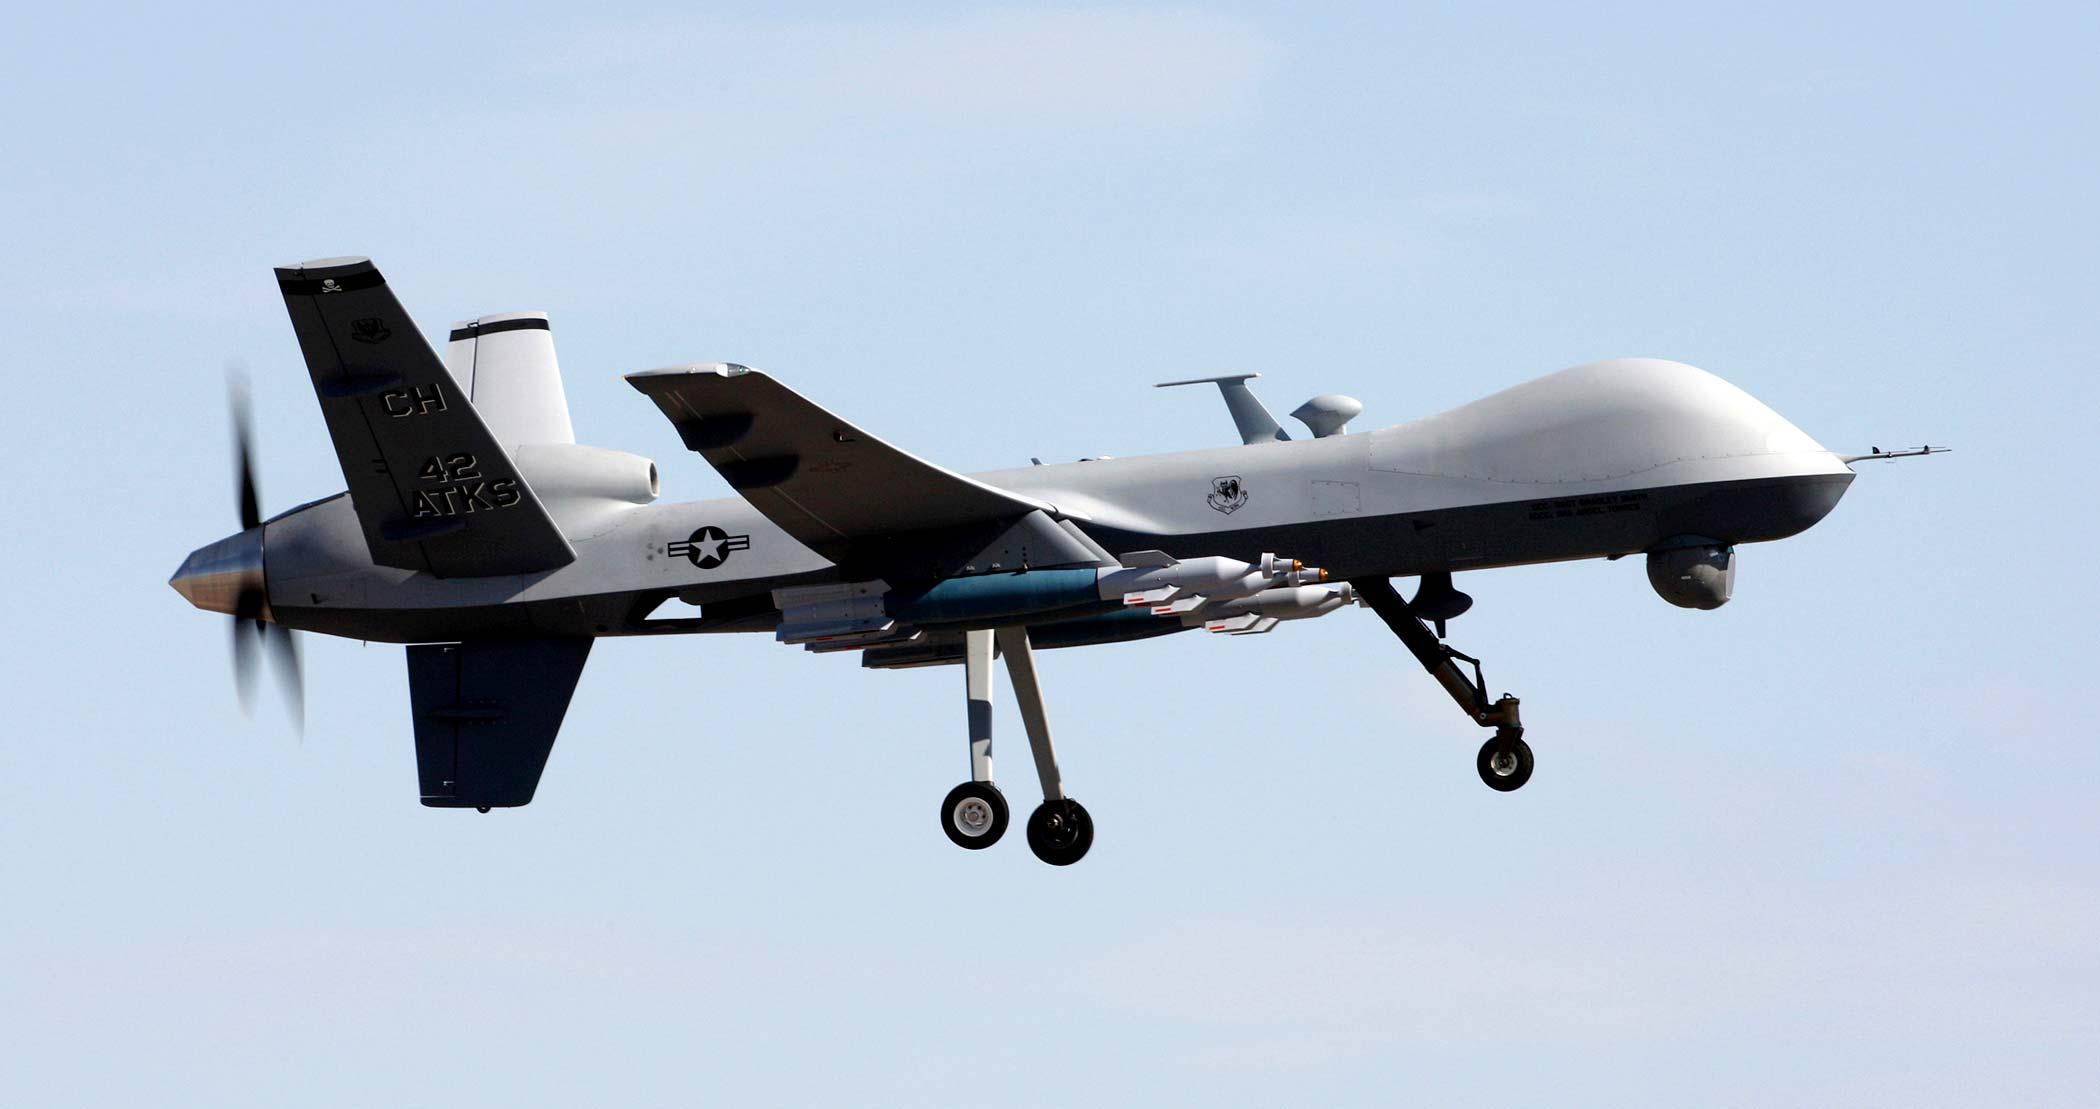 Факт е, че безпилотните самолети ще определят бъдещето на действията във въздуха